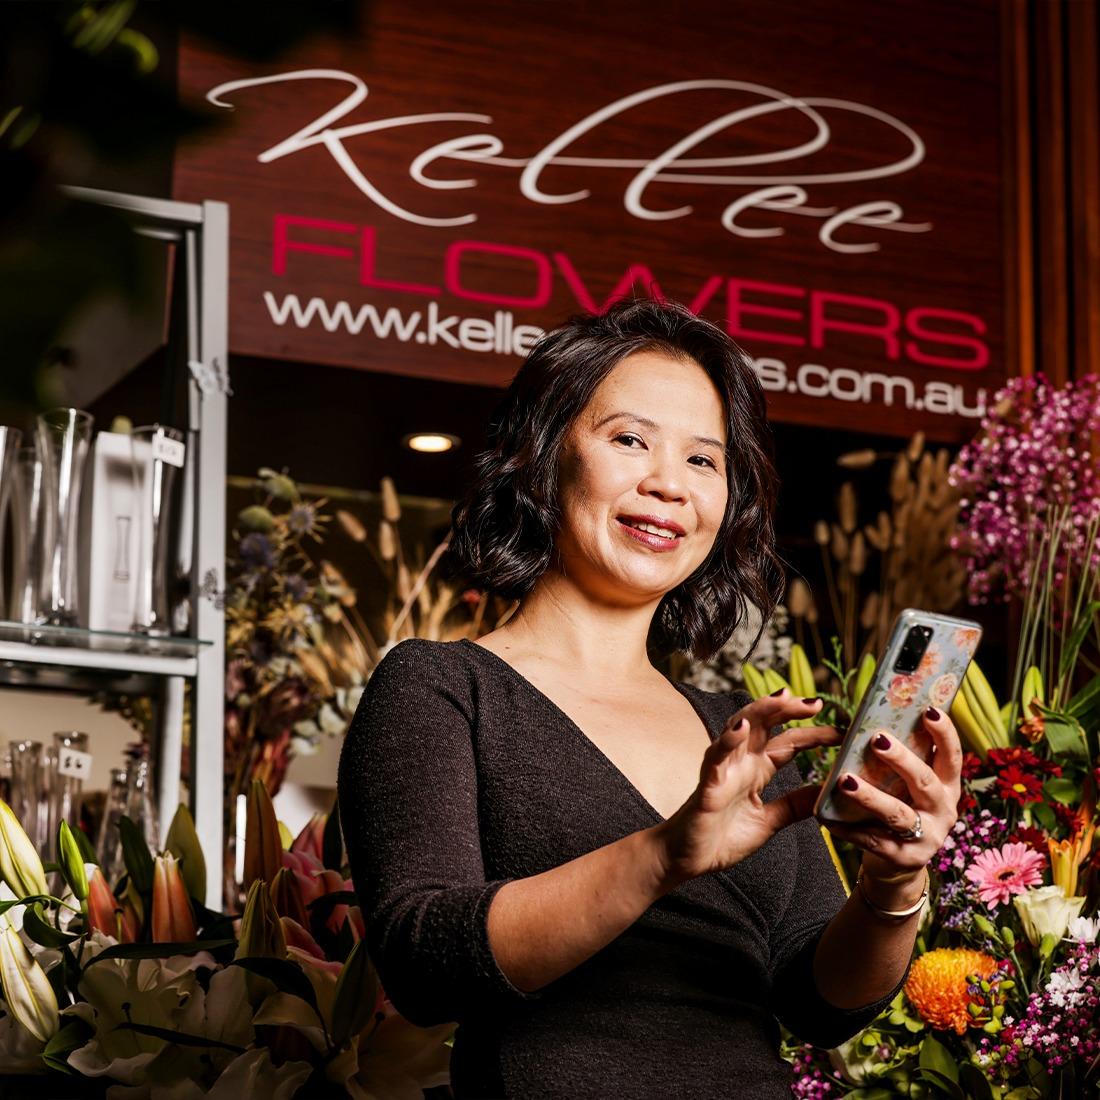 Kellee from Kellee flowers in her flower shop using her mobile